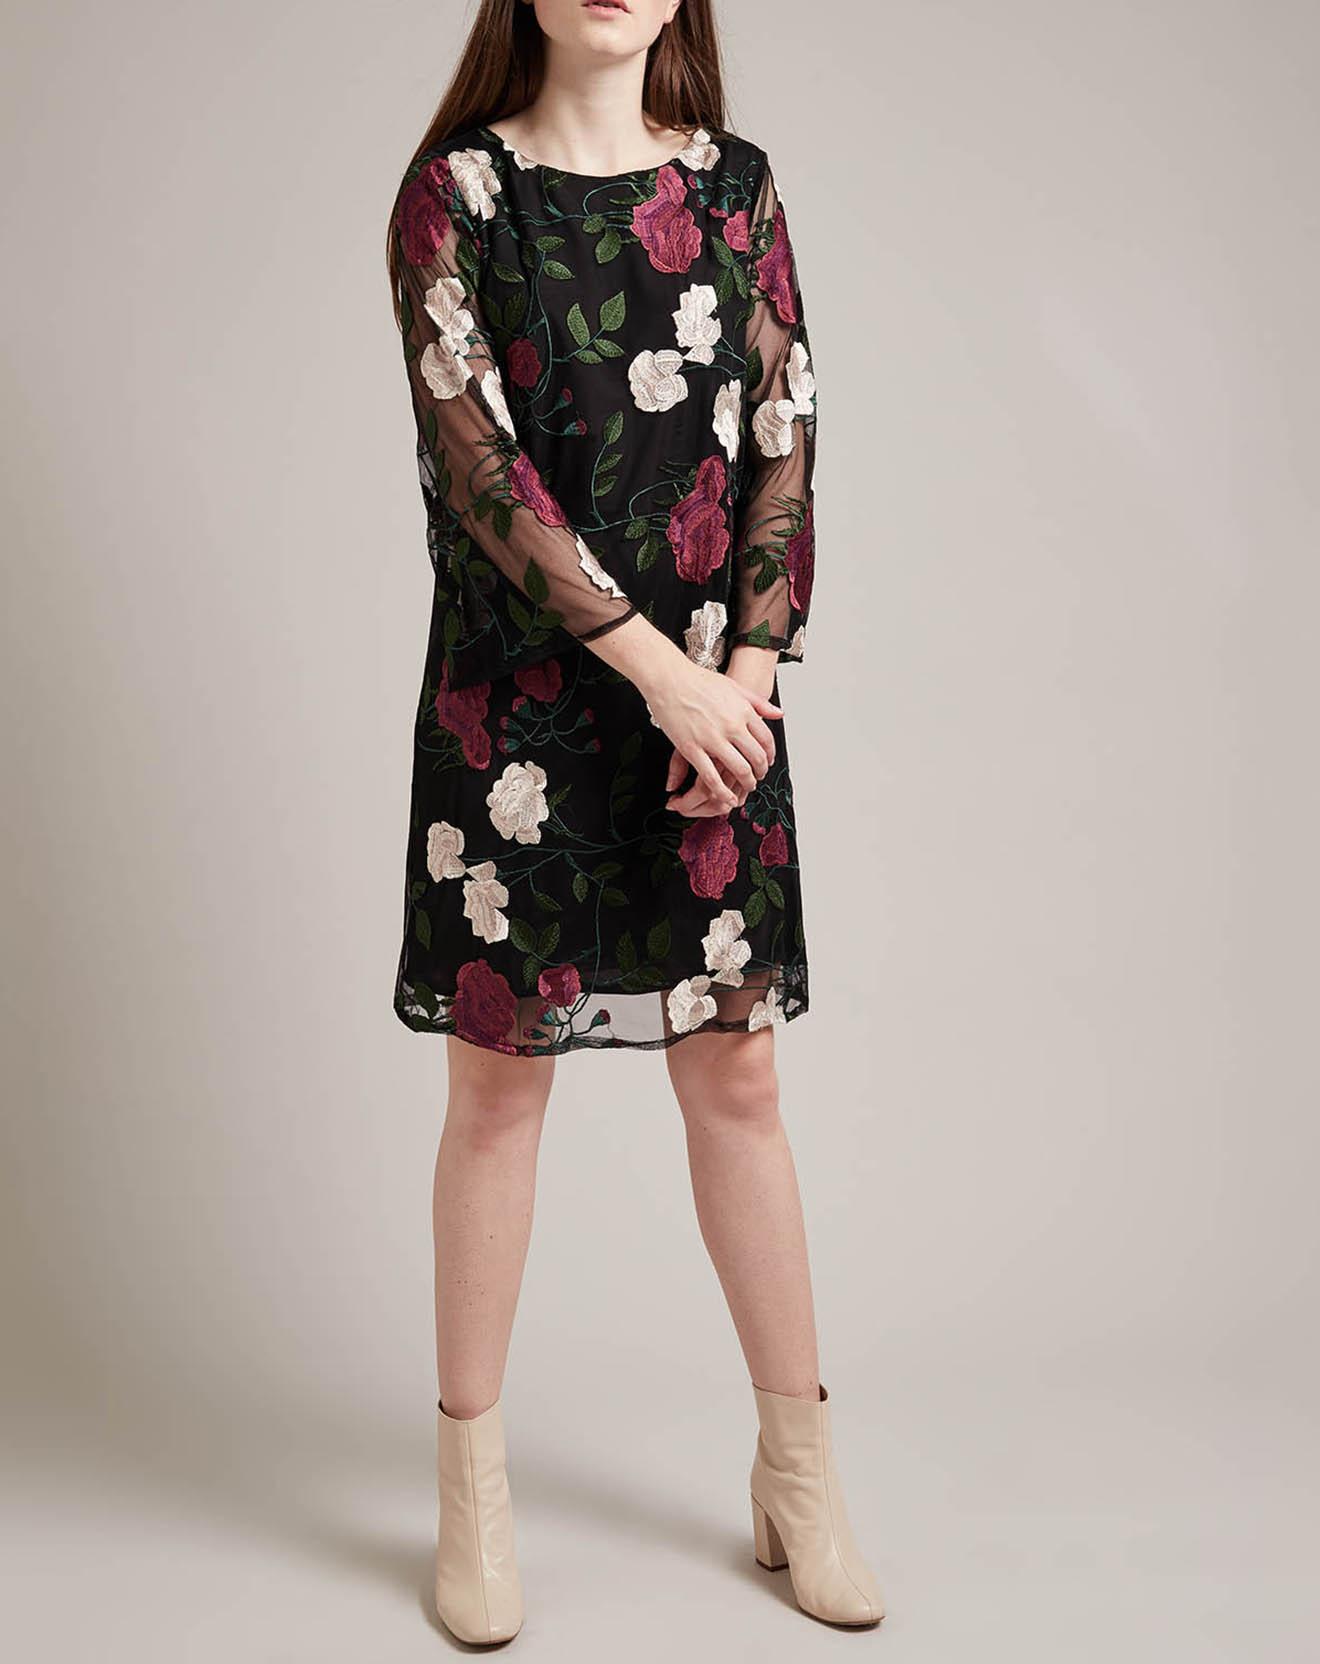 Robe Dédicace courte imprimé fleurs brodées noire - Derhy - Modalova